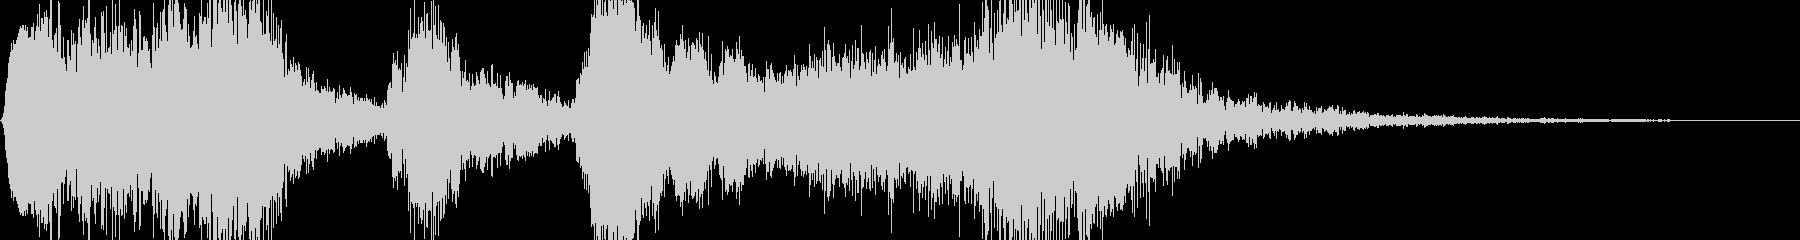 ゲームのレベルアップ時に流れるサウンドの未再生の波形